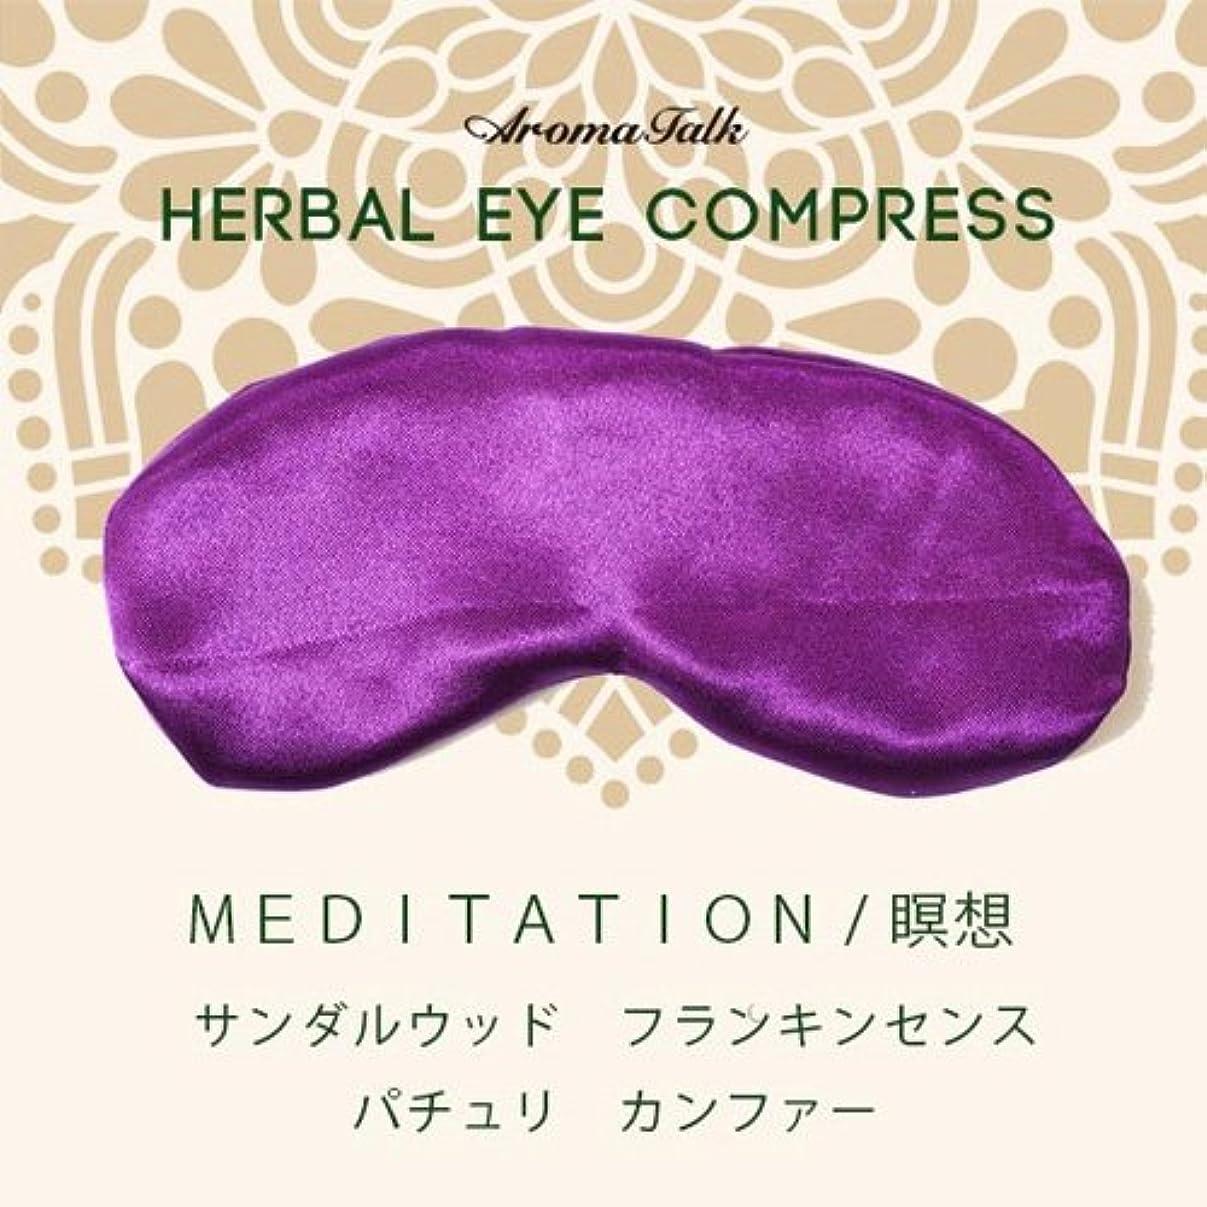 ヘッジディレクター天才ハーバルアイコンプレス「メディテイション 瞑想」紫/禅をイメージしたウッド系の香り